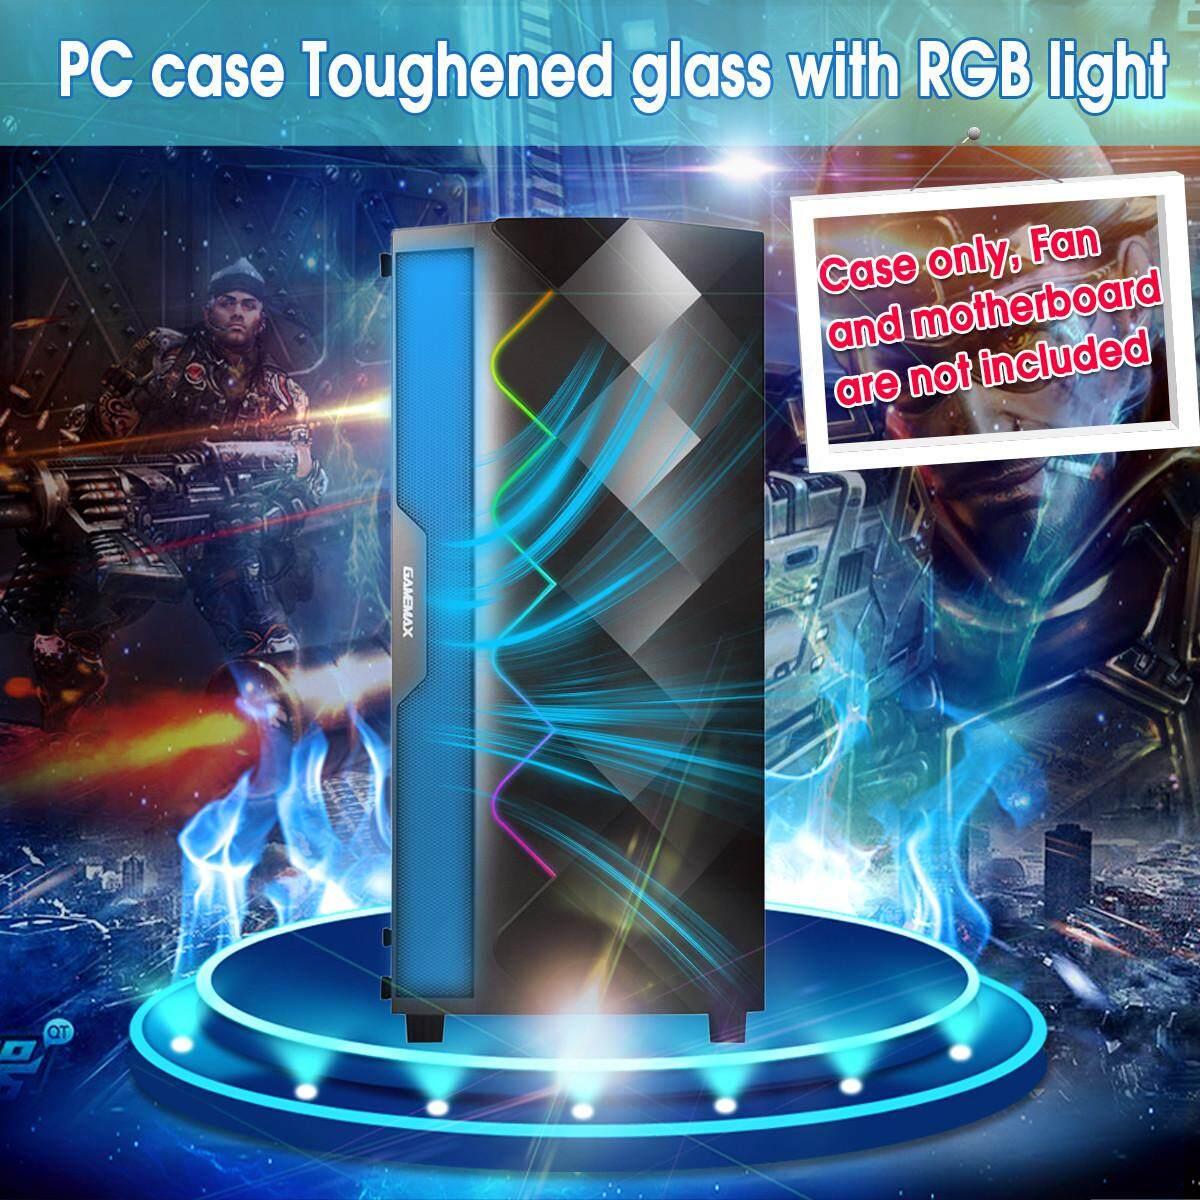 Giá 【Free Vận Chuyển + Siêu Deal】coolmoon RGB PC Ốp Lưng Dán Kính Cường Lực Bên Máy Tính Dành Cho Micro-ATX ATX ITX